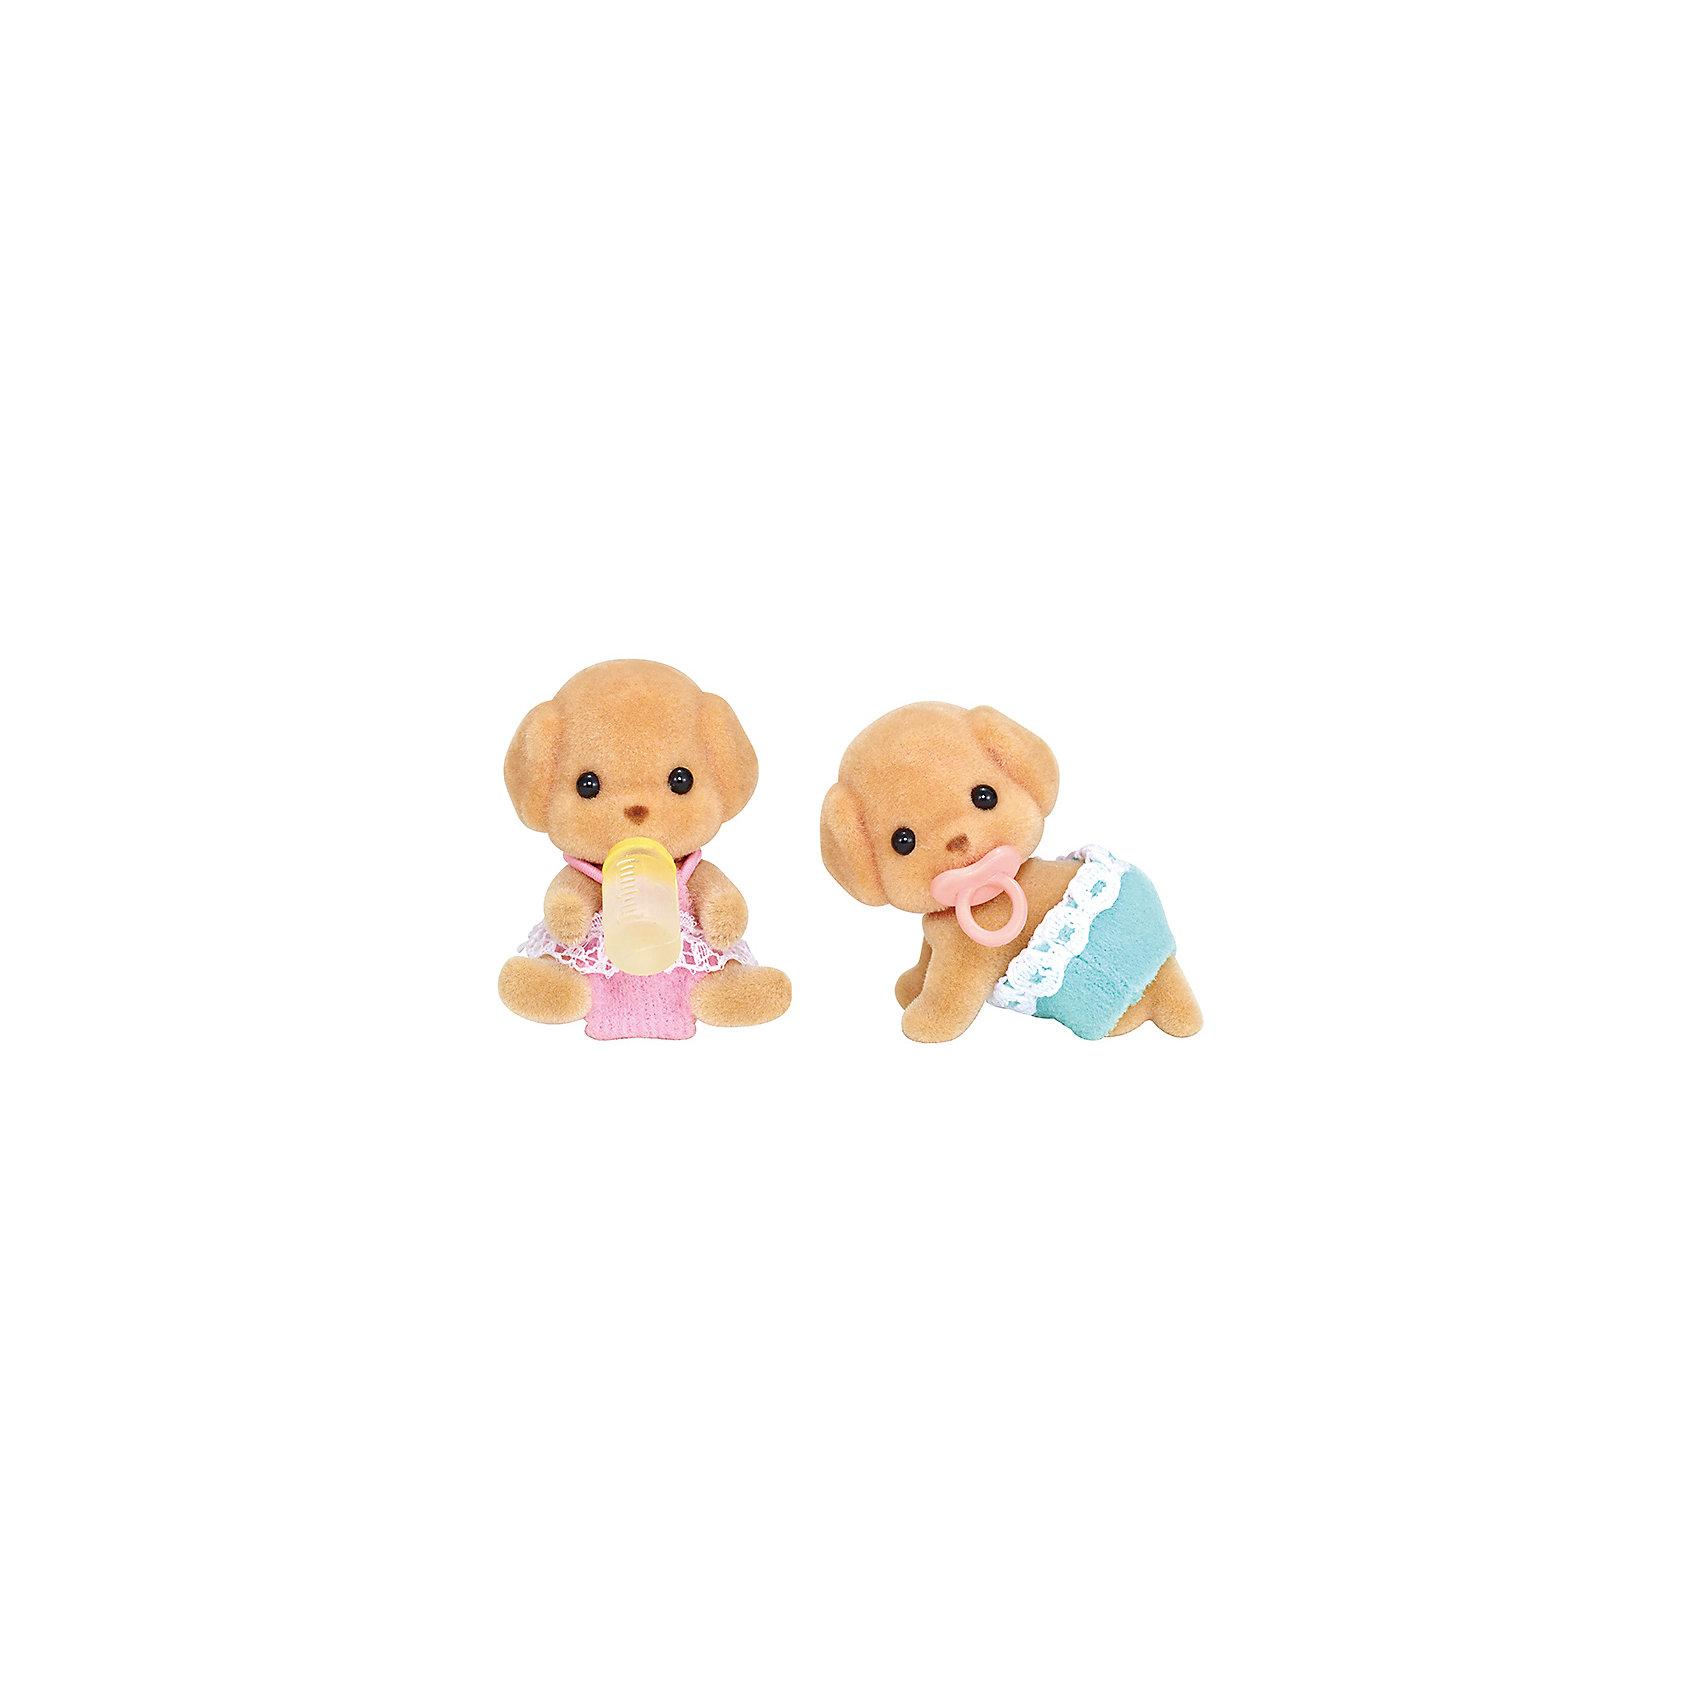 Набор Той Пудели-двойняшки, Sylvanian FamiliesSylvanian Families<br>Характеристики:<br><br>• Материал: ПВХ с полимерным напылением, текстиль <br>• Комплектация: 2 щенка той пуделя, пустышка, бутылочка<br>• Размер фигурки: ? 5 см<br>• Голова и лапы – подвижные<br>• Особенности ухода: фигурку можно купать, одежда – ручная стирка<br>• Размер упаковки (Д*Ш*В): 7,5*3,5*10 см<br>• Вес: 50 г<br>• Упаковка: картонная коробка с блистером<br><br>Фигурки выполнены из экологически безопасного материала, сверху покрыты напылением, придающим животным бархатистую поверхность. Фигурки можно купать, одежду – стирать. У персонажей подвижные головы и лапки, что делает их особенно правдоподобными и удобными в играх. Набор Той Пудели-двойняшки, Sylvanian Families состоит из двух малышей той пуделя: один в образе мальчика, второй – в образе девочки. Дополнительно в комплекте предусмотрены аксессуары для малышей: бутылочка для кормления и пустышка. <br><br>Набор Той Пудели-двойняшки, Sylvanian Families можно купить в нашем интернет-магазине.<br><br>Ширина мм: 123<br>Глубина мм: 88<br>Высота мм: 40<br>Вес г: 42<br>Возраст от месяцев: 48<br>Возраст до месяцев: 96<br>Пол: Женский<br>Возраст: Детский<br>SKU: 5467536